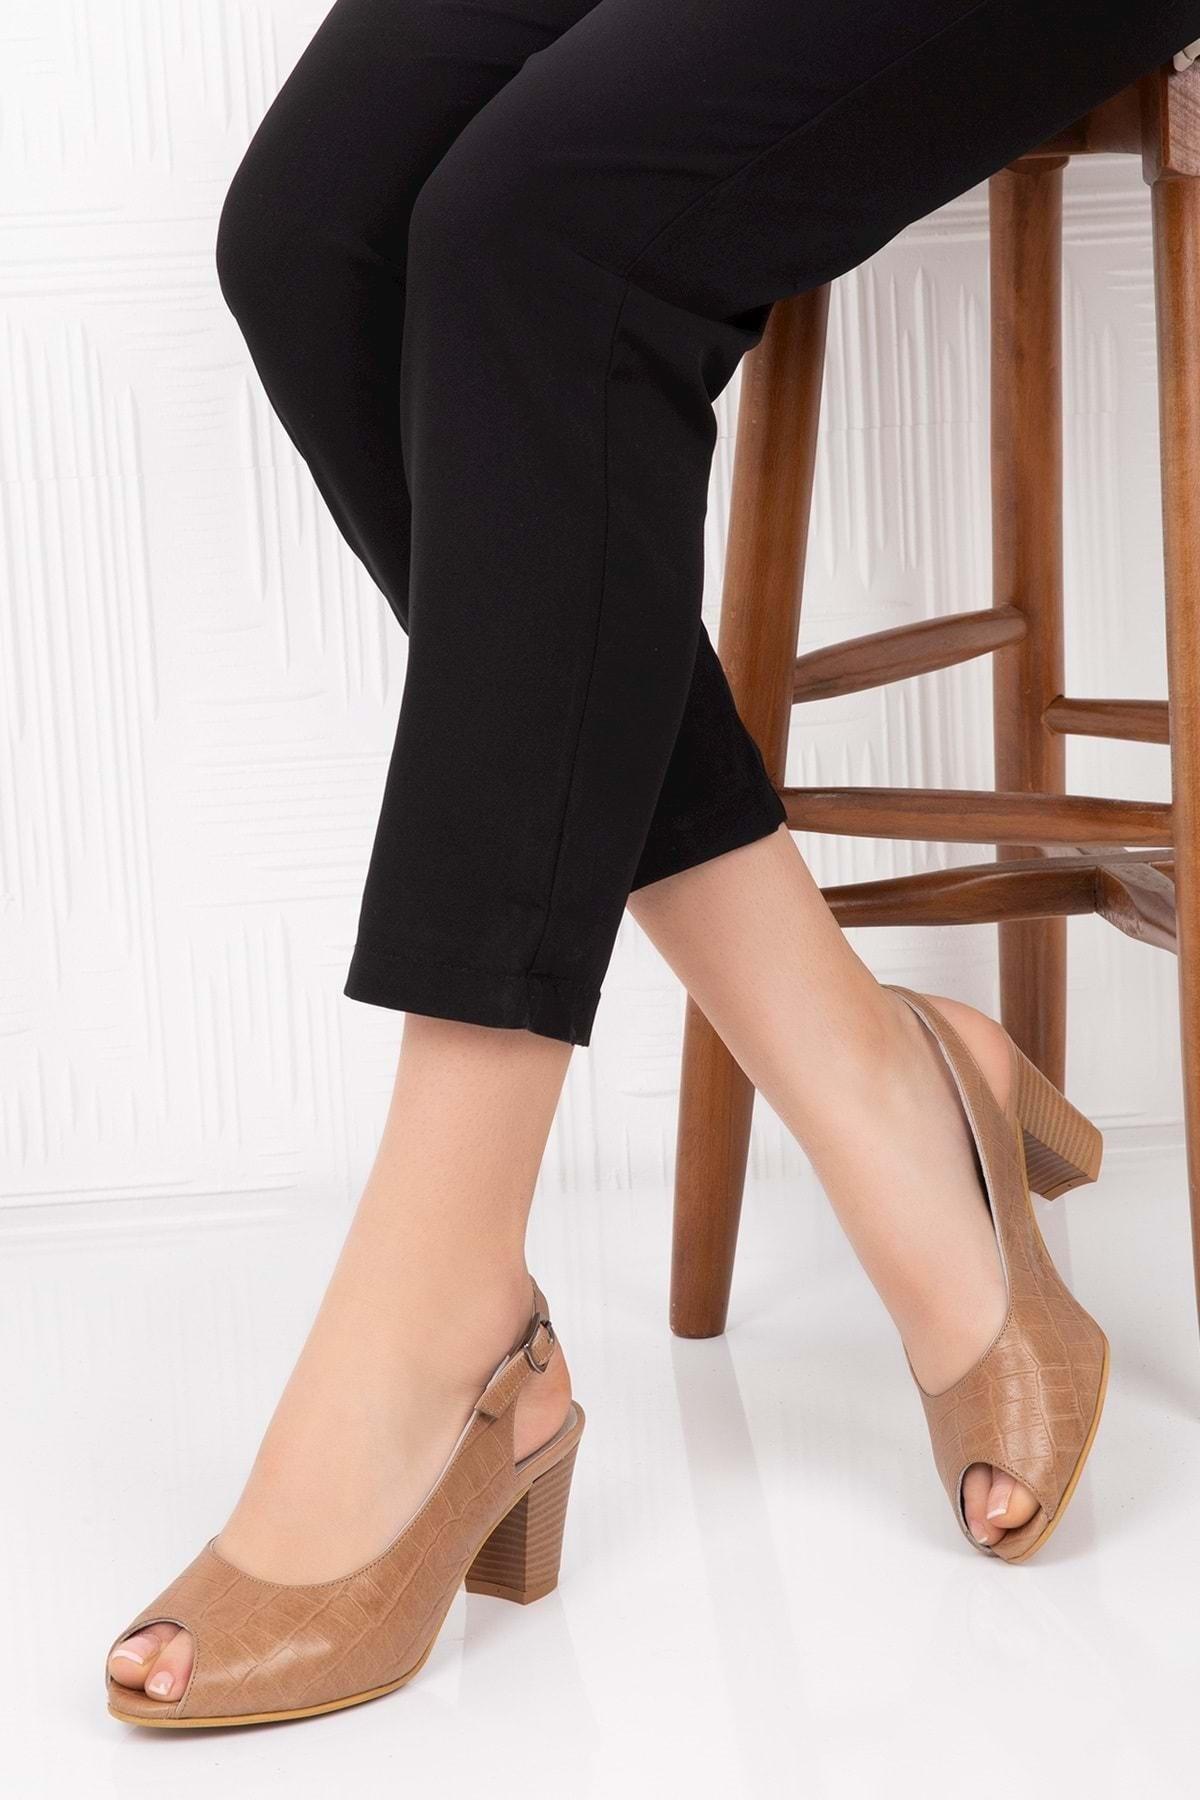 Gondol Hakiki Deri Topuklu Ayakkabı Taba Croco 38 Şhn.0040 1